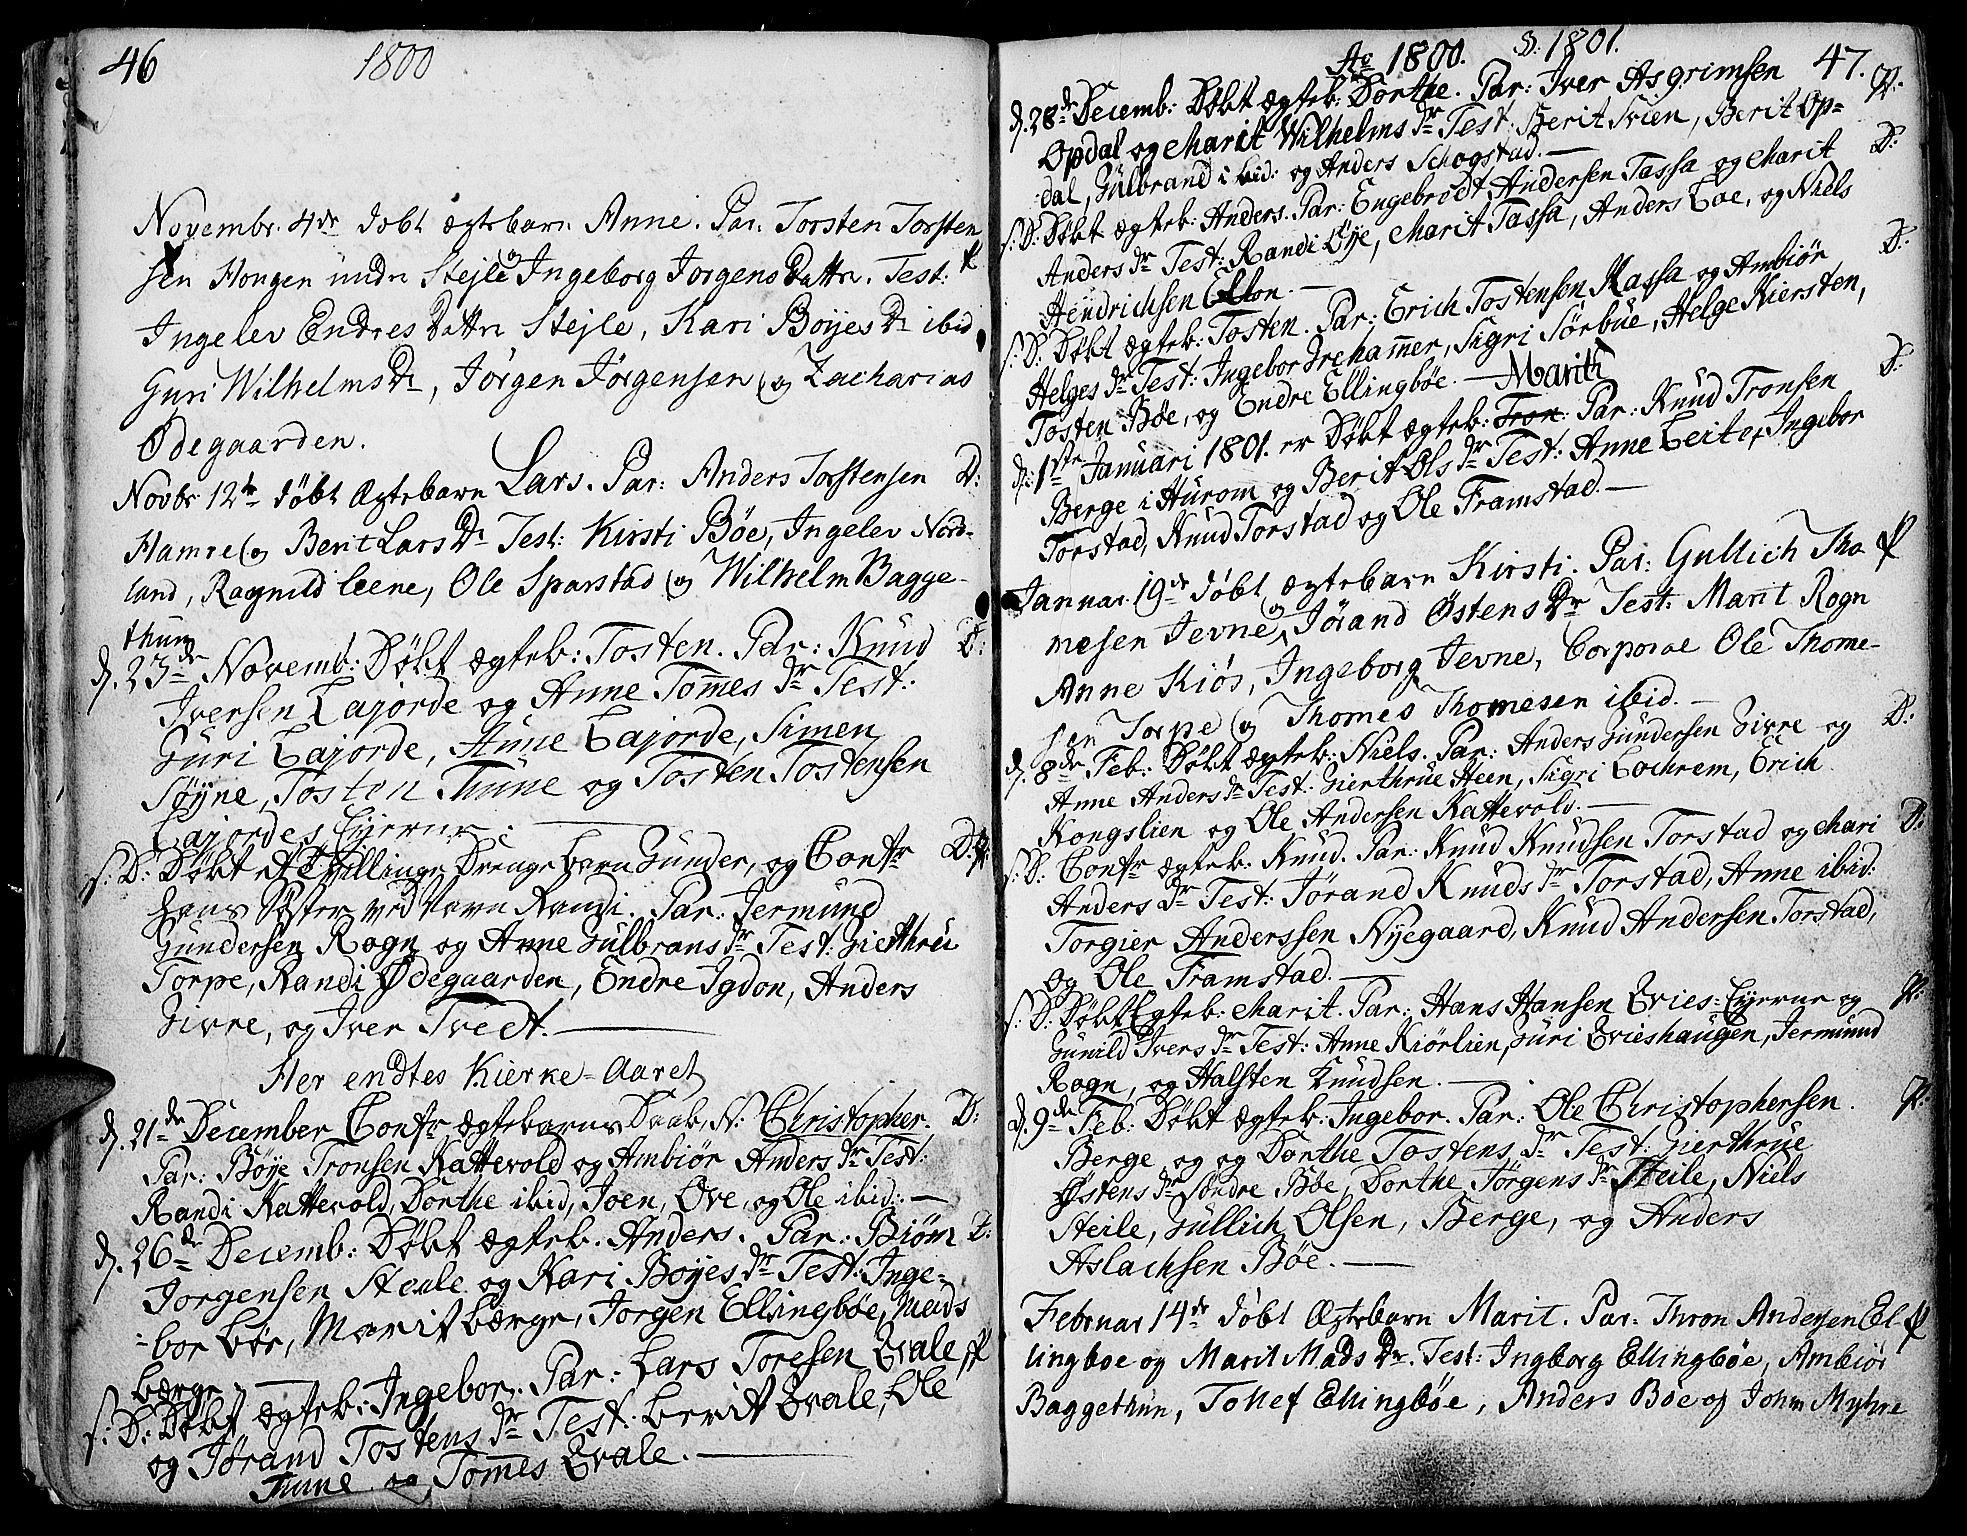 SAH, Vang prestekontor, Valdres, Ministerialbok nr. 2, 1796-1808, s. 46-47